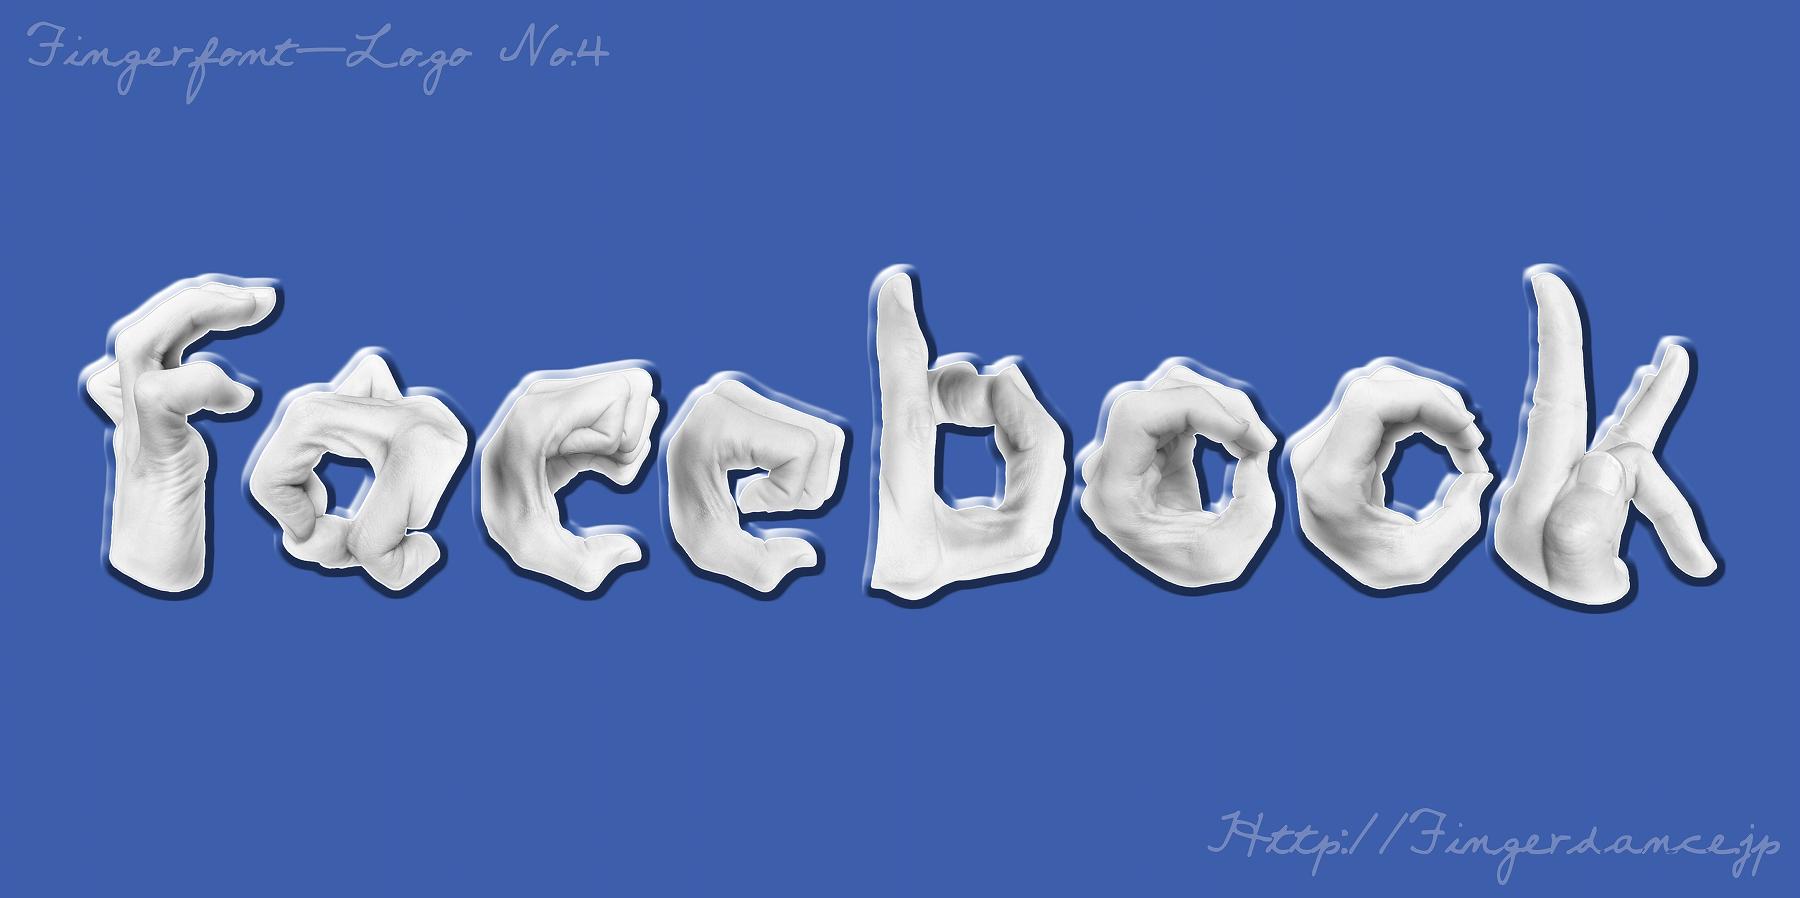 facebook-fingerhttp://fingerdance.jp/L/logohand フェイスブック・フィンガーロゴハンド 手指